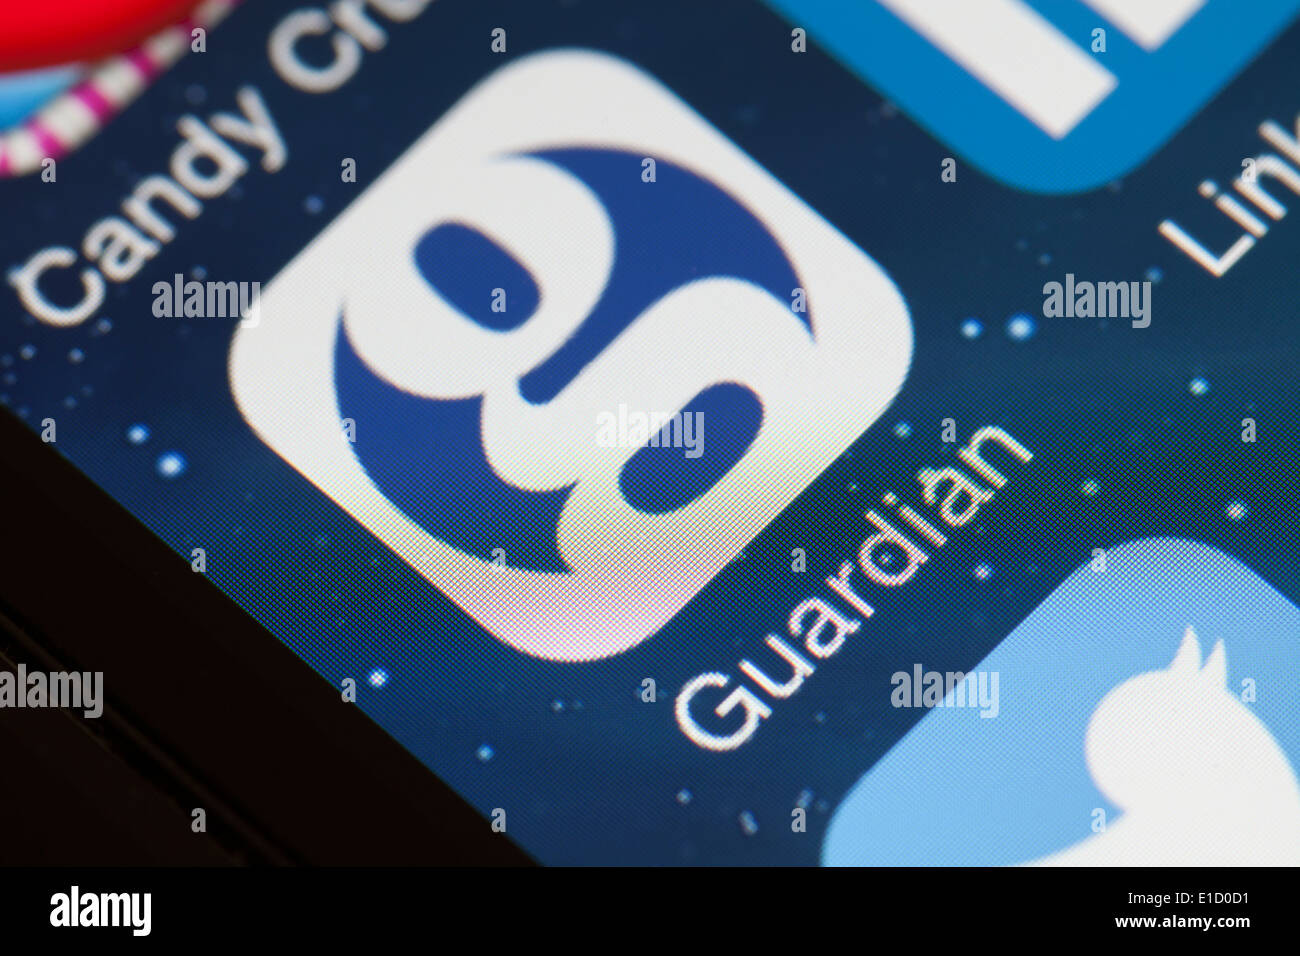 Icône de l'application Guardian sur téléphone mobile. Photo Stock